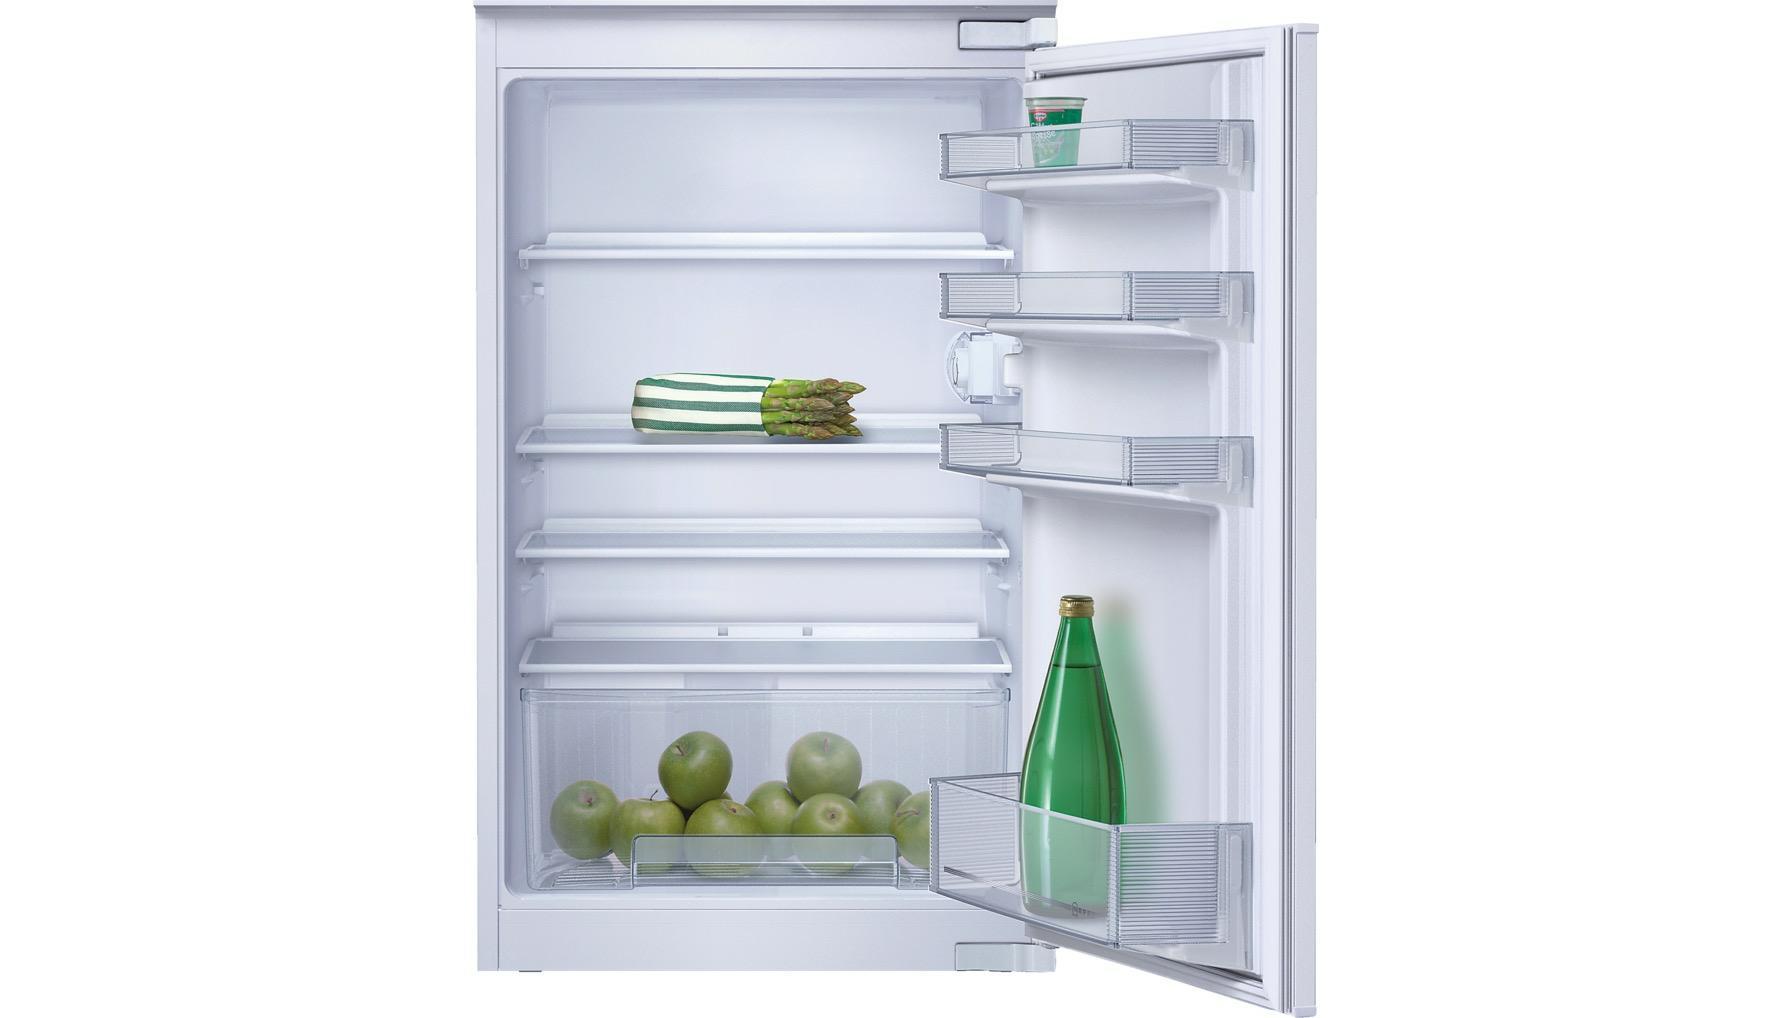 koelkast inbouw zonder vriesvak Neff K1514X7FF koelkast inbouw zonder vriesvak